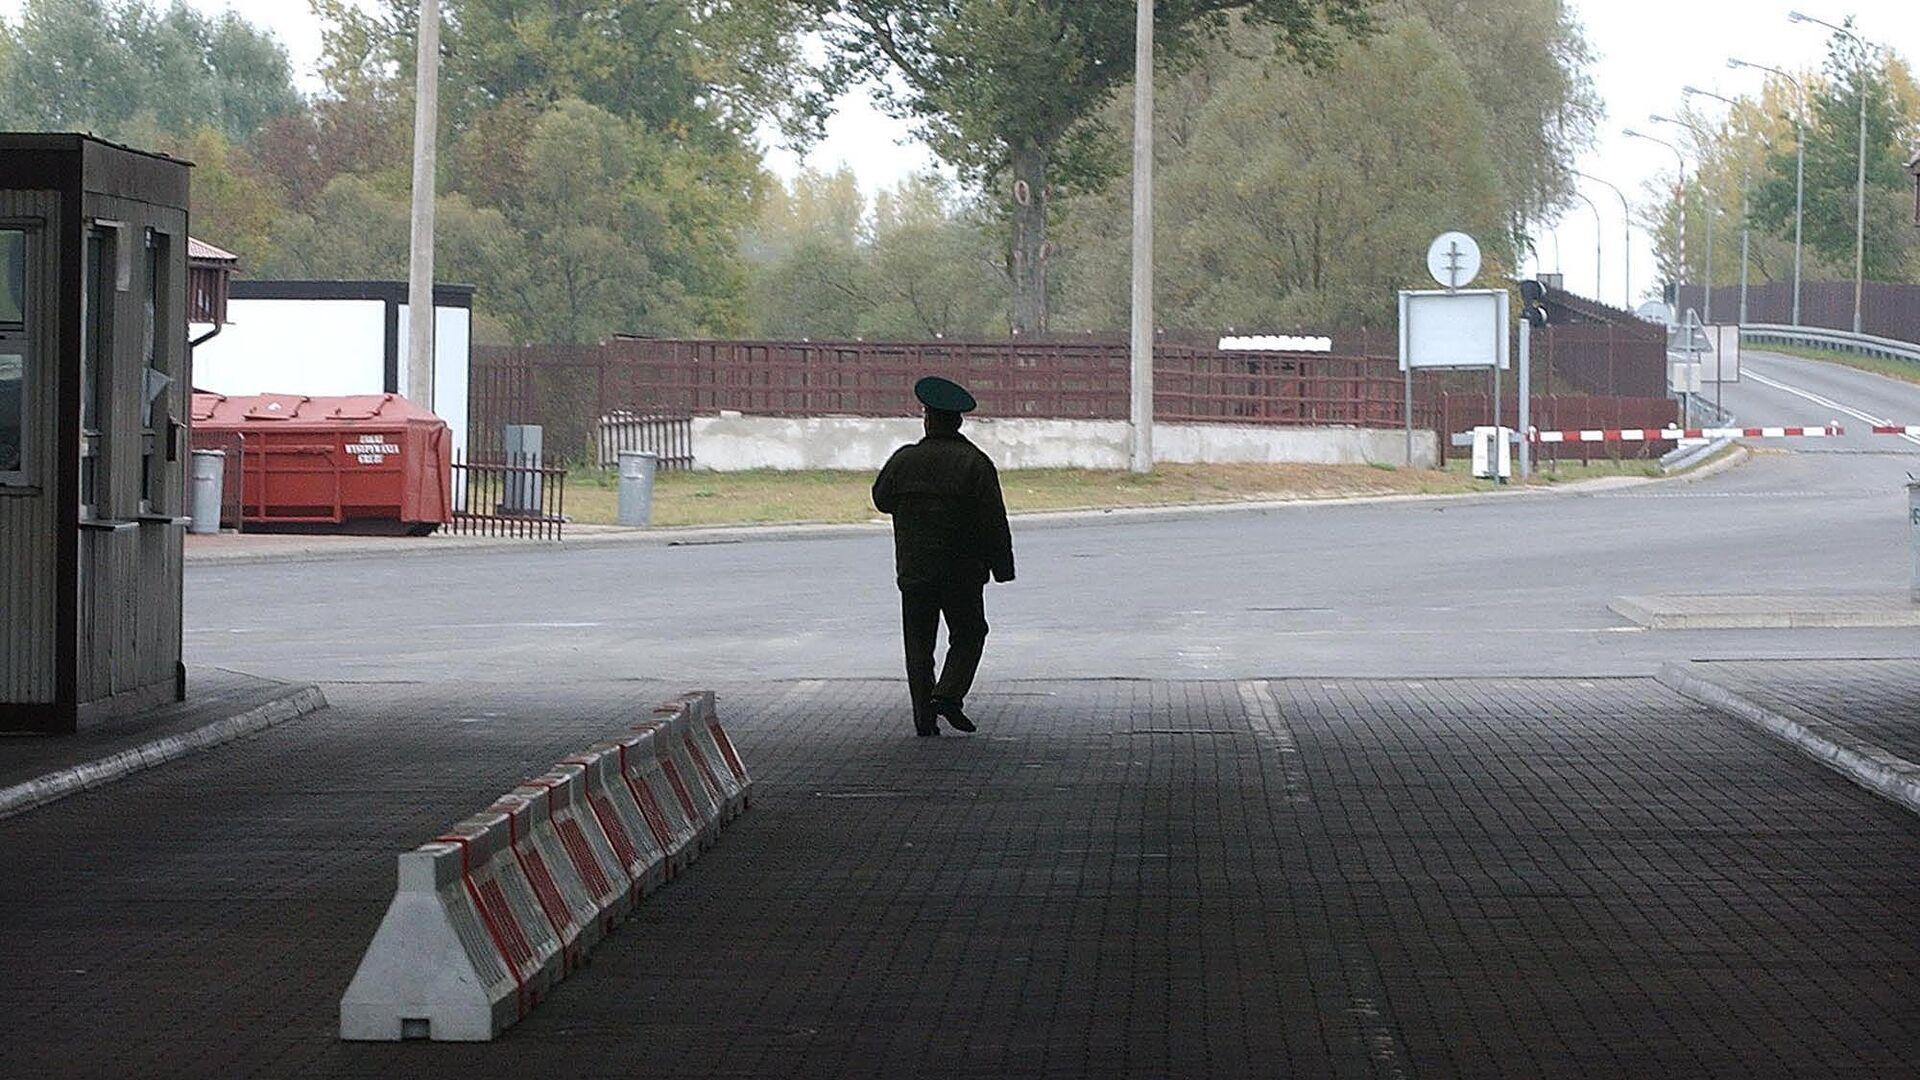 Пограничник на границе между Белоруссией и Польшей - РИА Новости, 1920, 23.09.2020